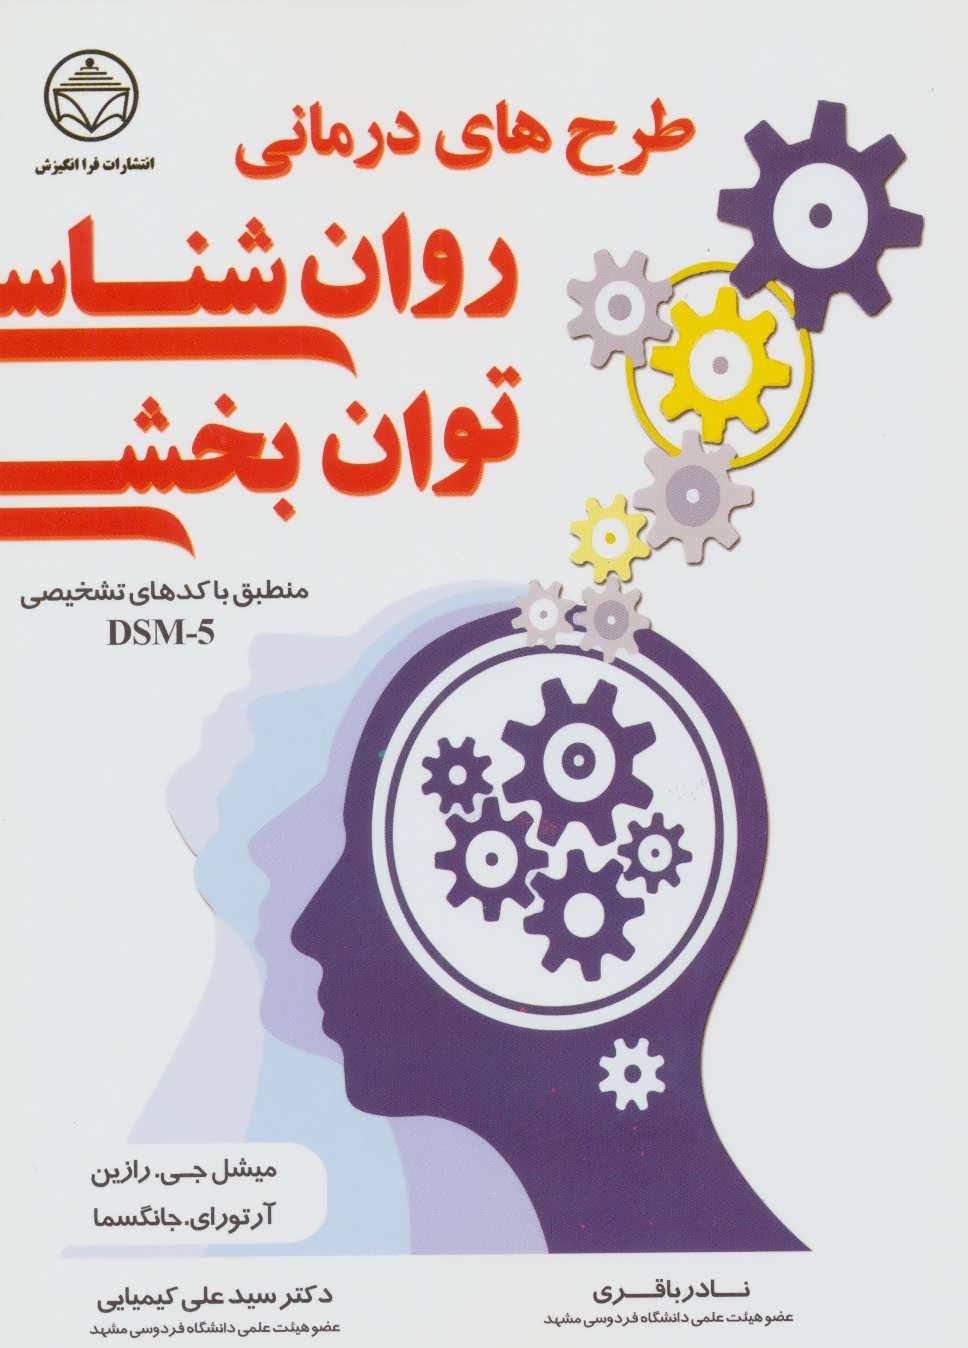 کتاب طرحهای درمانی روانشناسی توانبخشی منطبق با کدهای تشخیصی DSM-5